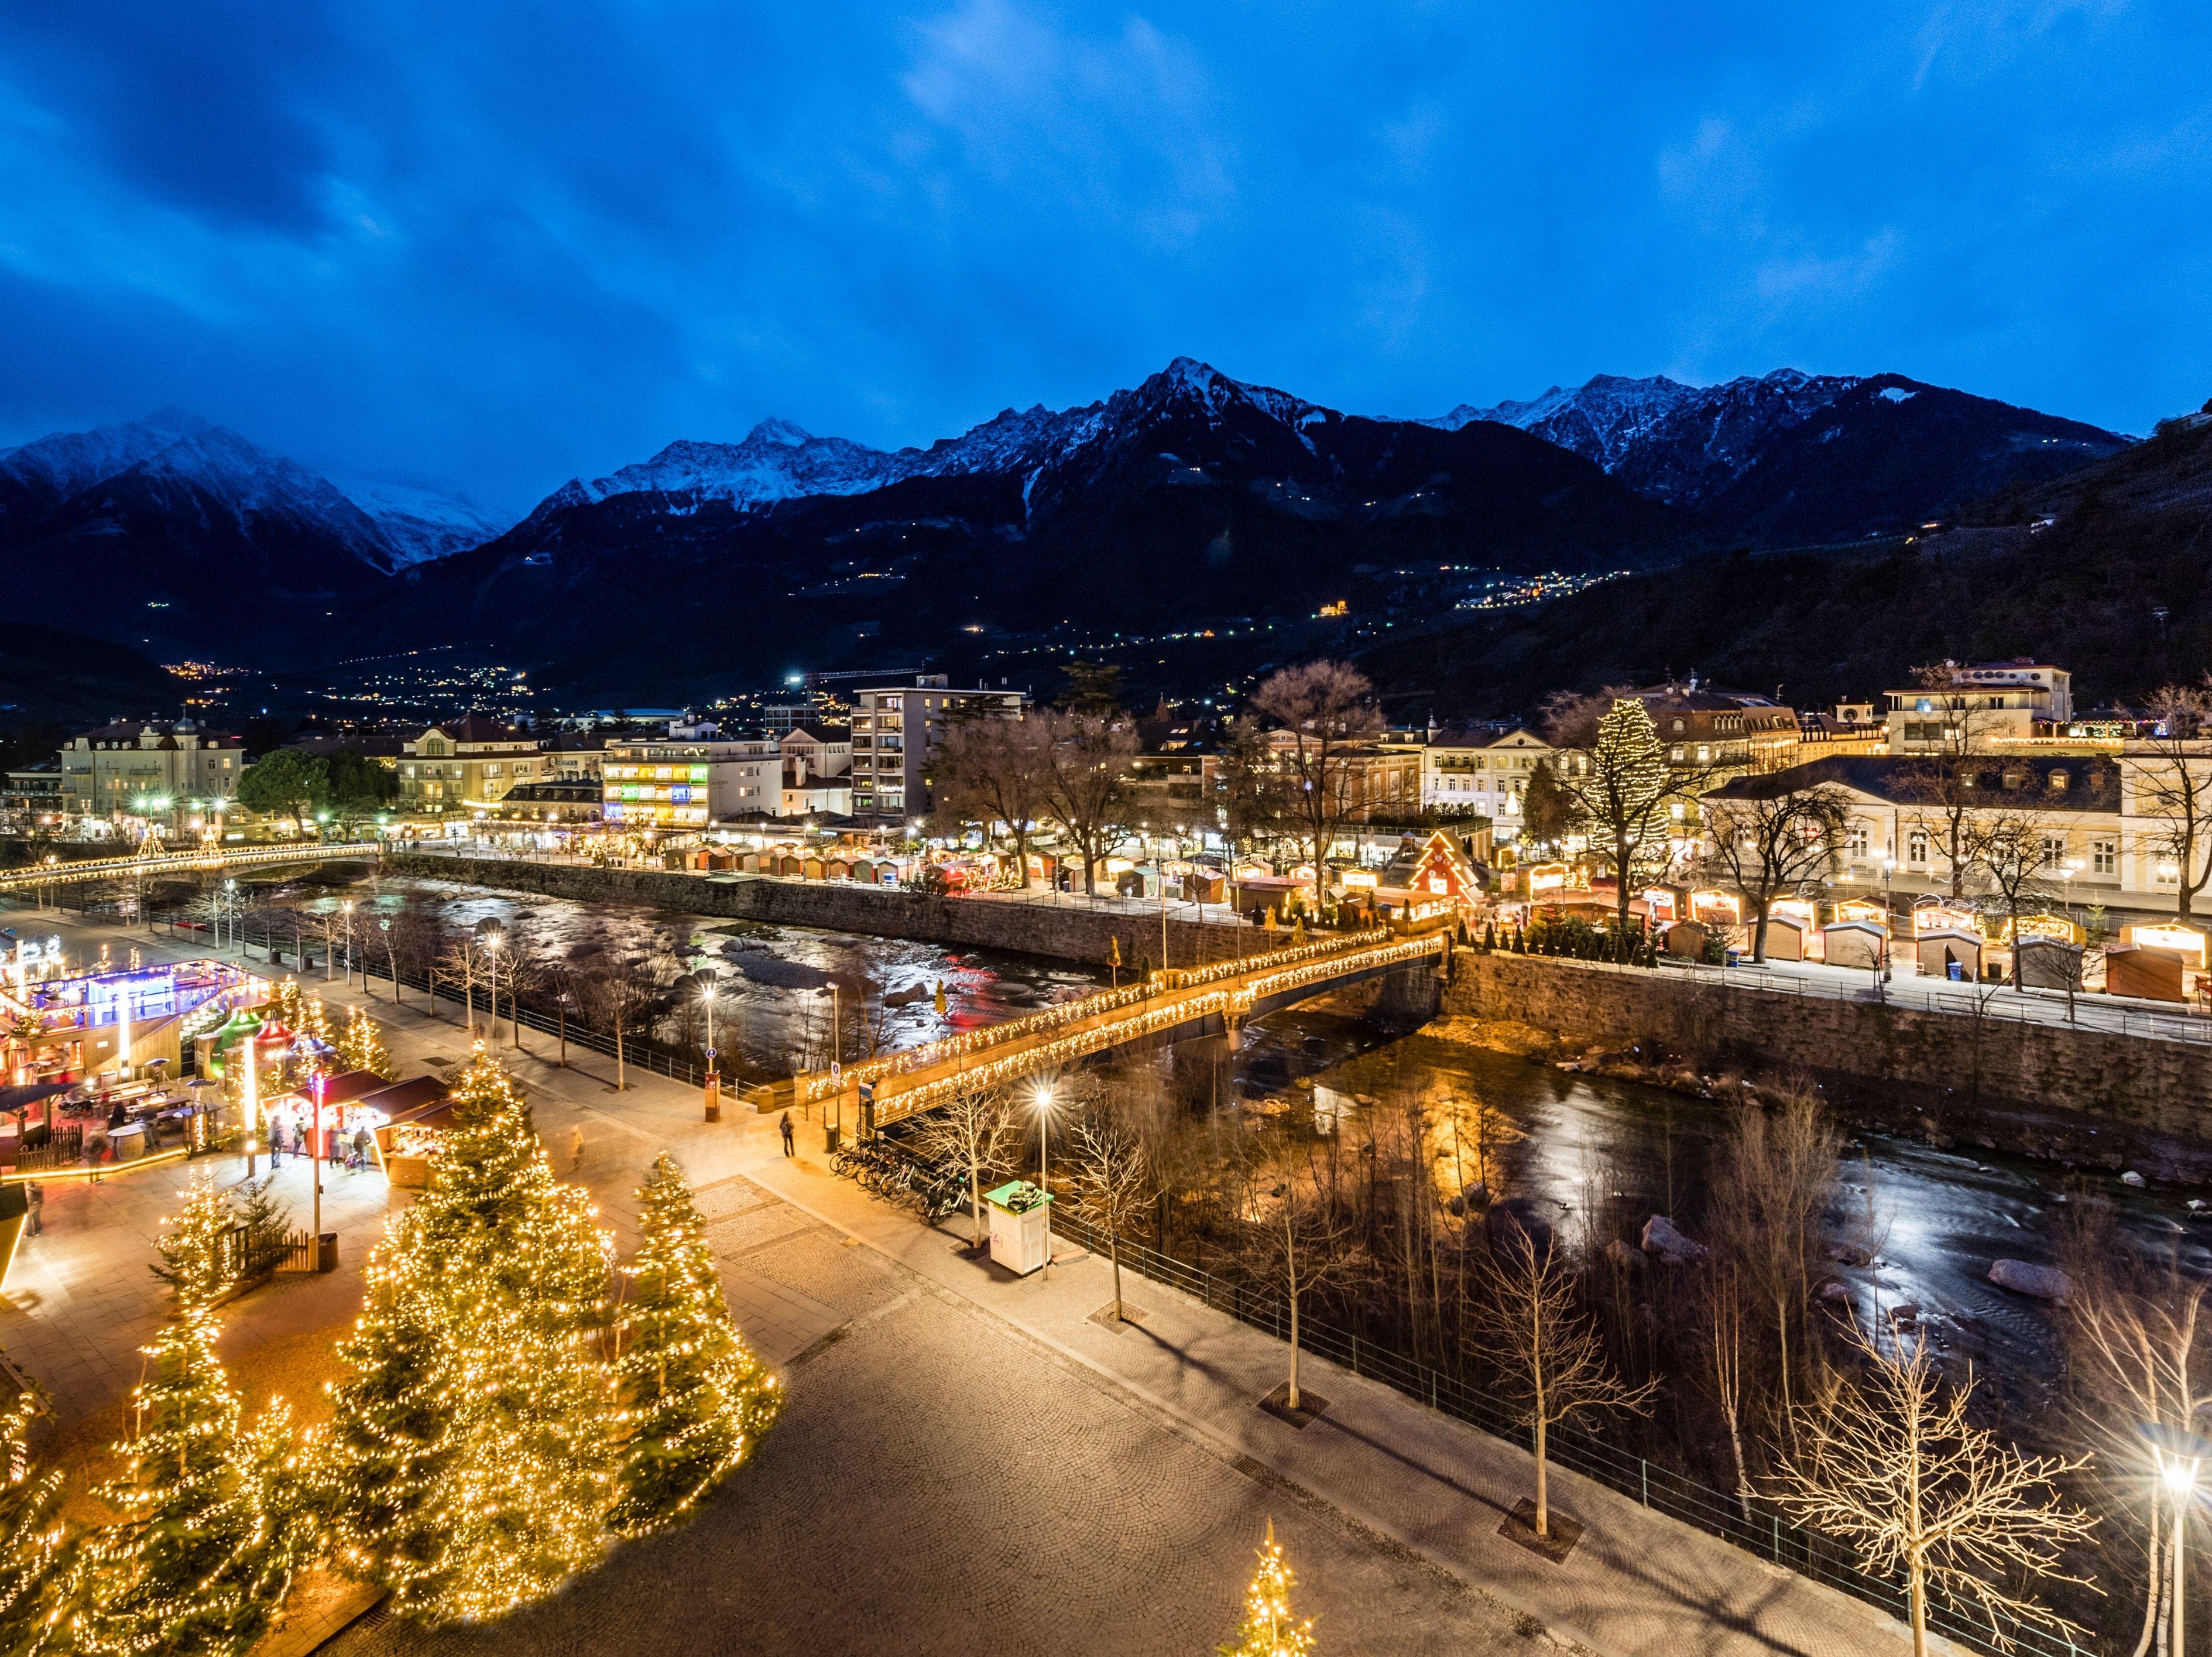 Trentino Alto Adige Artigianato i mercatini di natale più belli d'italia e d'europa (con le